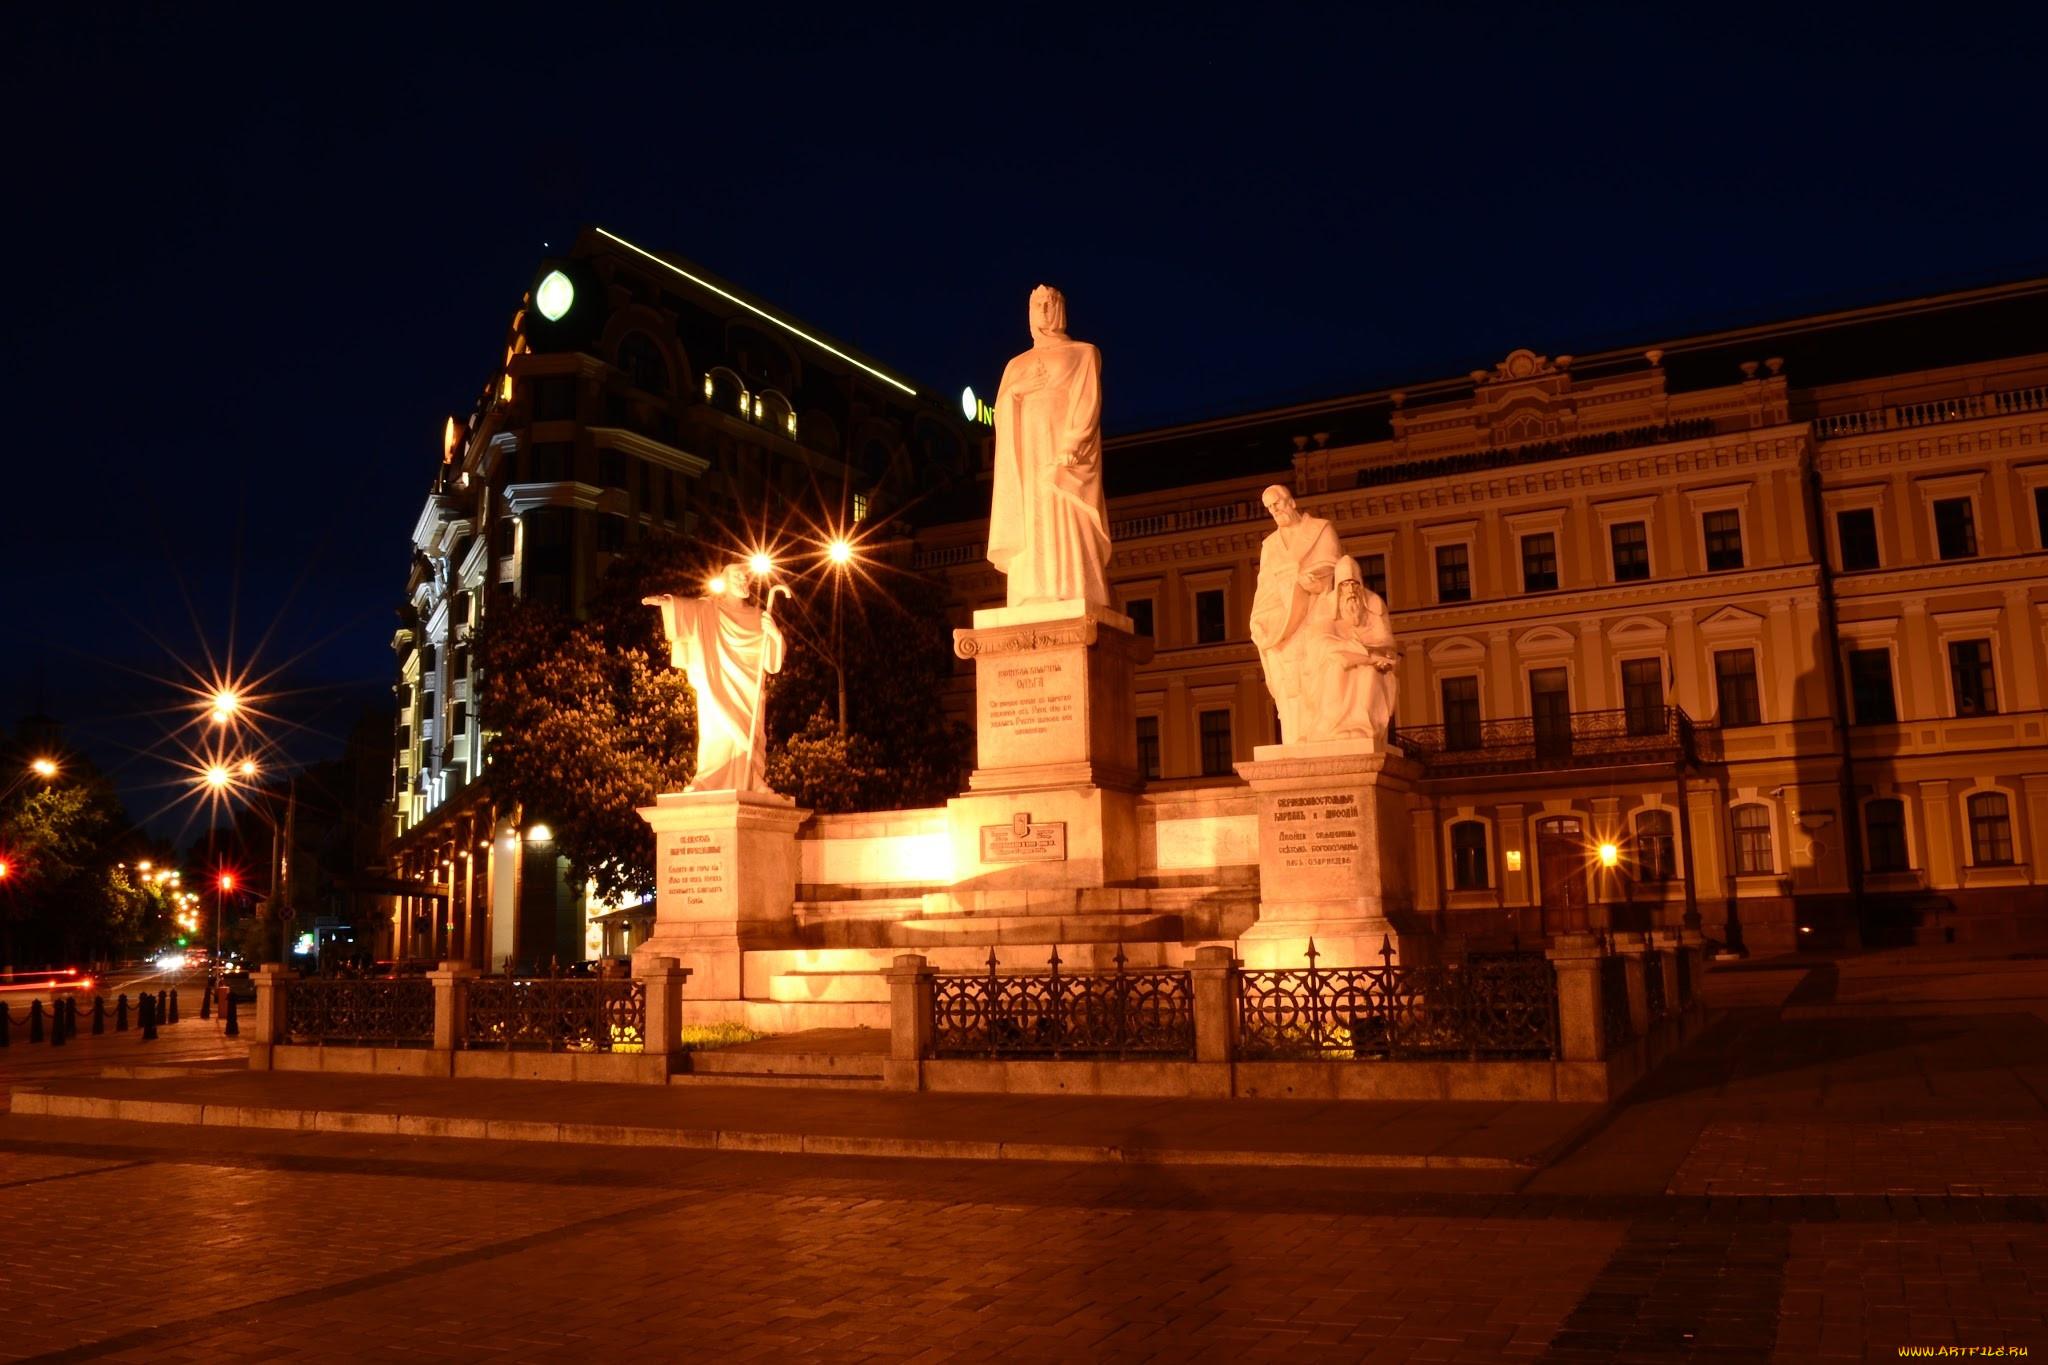 фото памятников киева ночью волосы совсем аккуратно